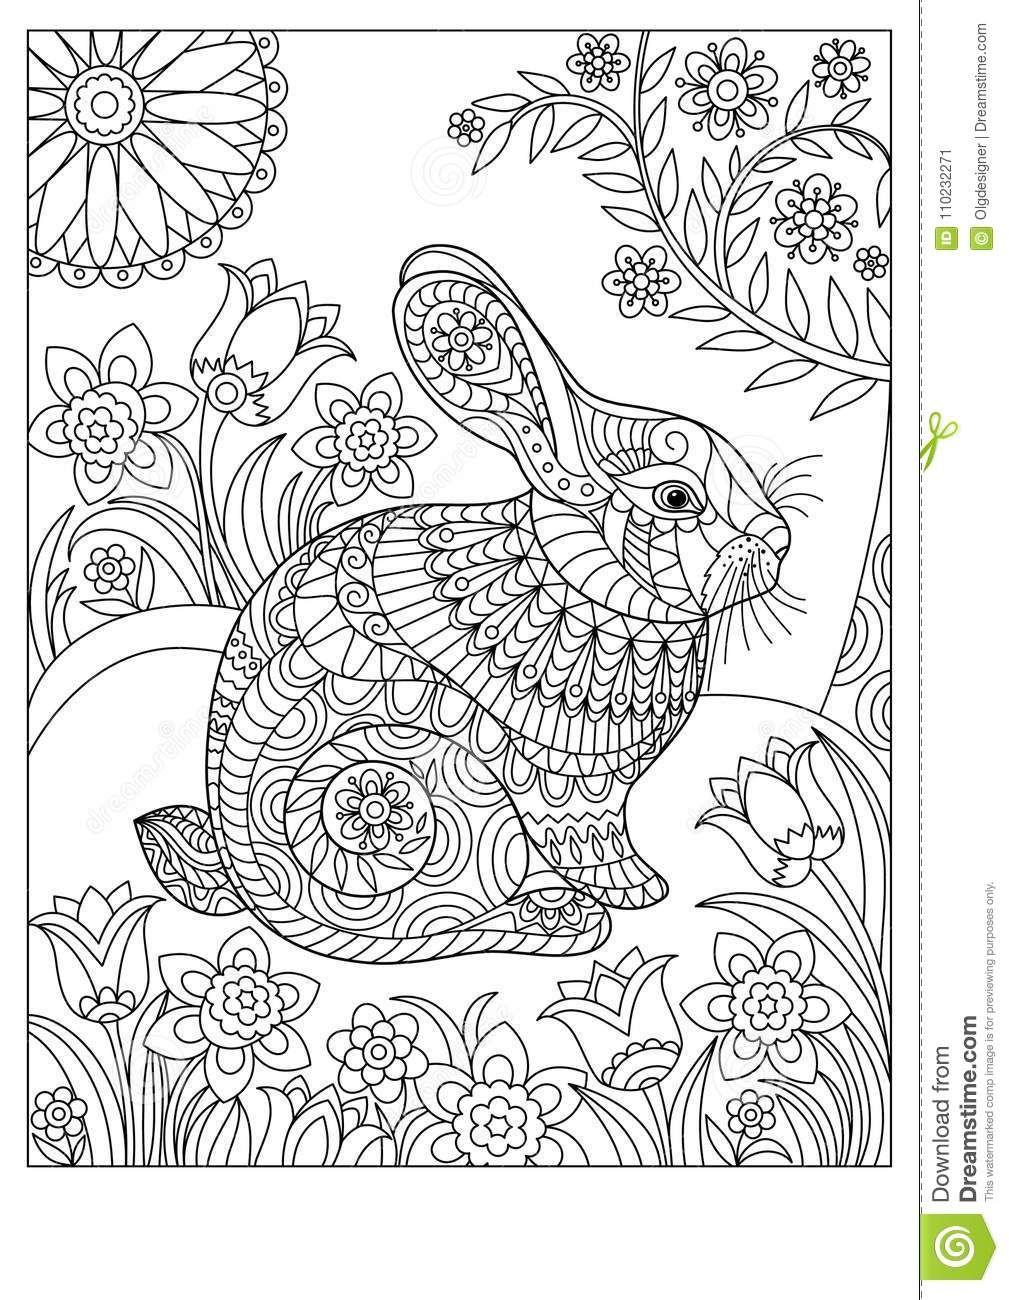 Pin Von Dorota Sokolowska Auf Coloring Rabbit Malvorlagen Tiere Ausmalbilder Malvorlagen Fruhling